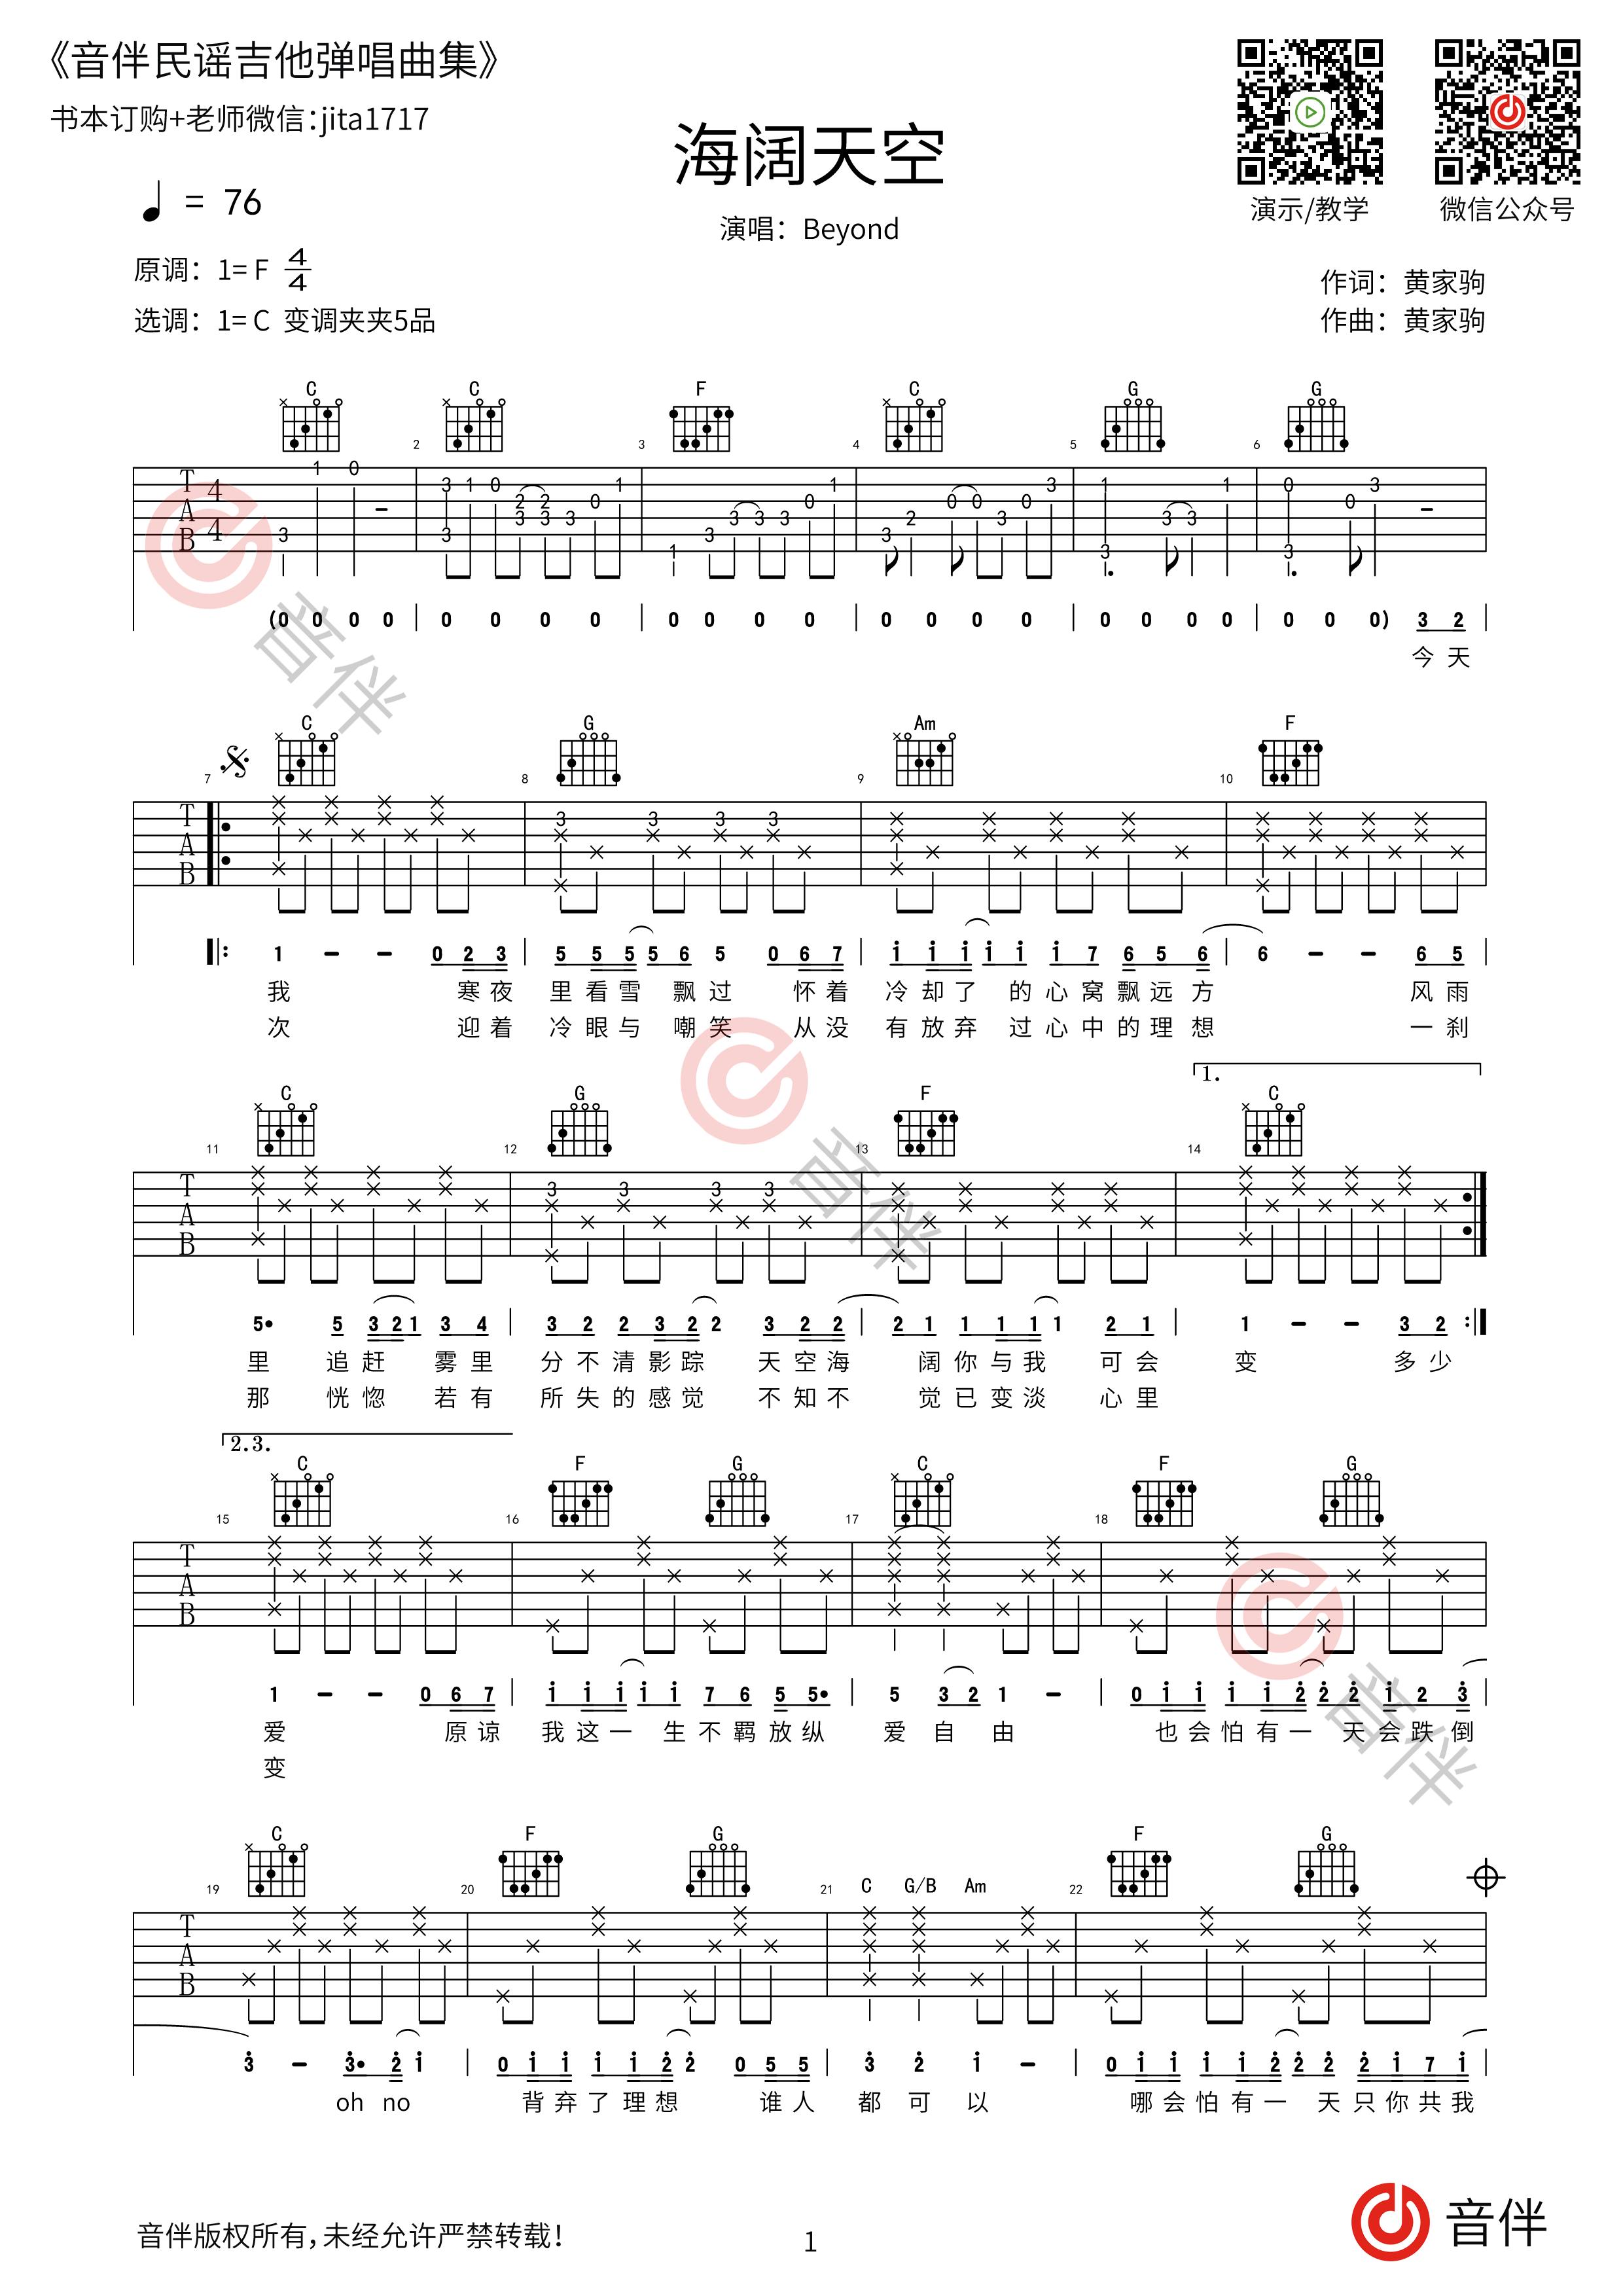 海阔天空吉他谱1